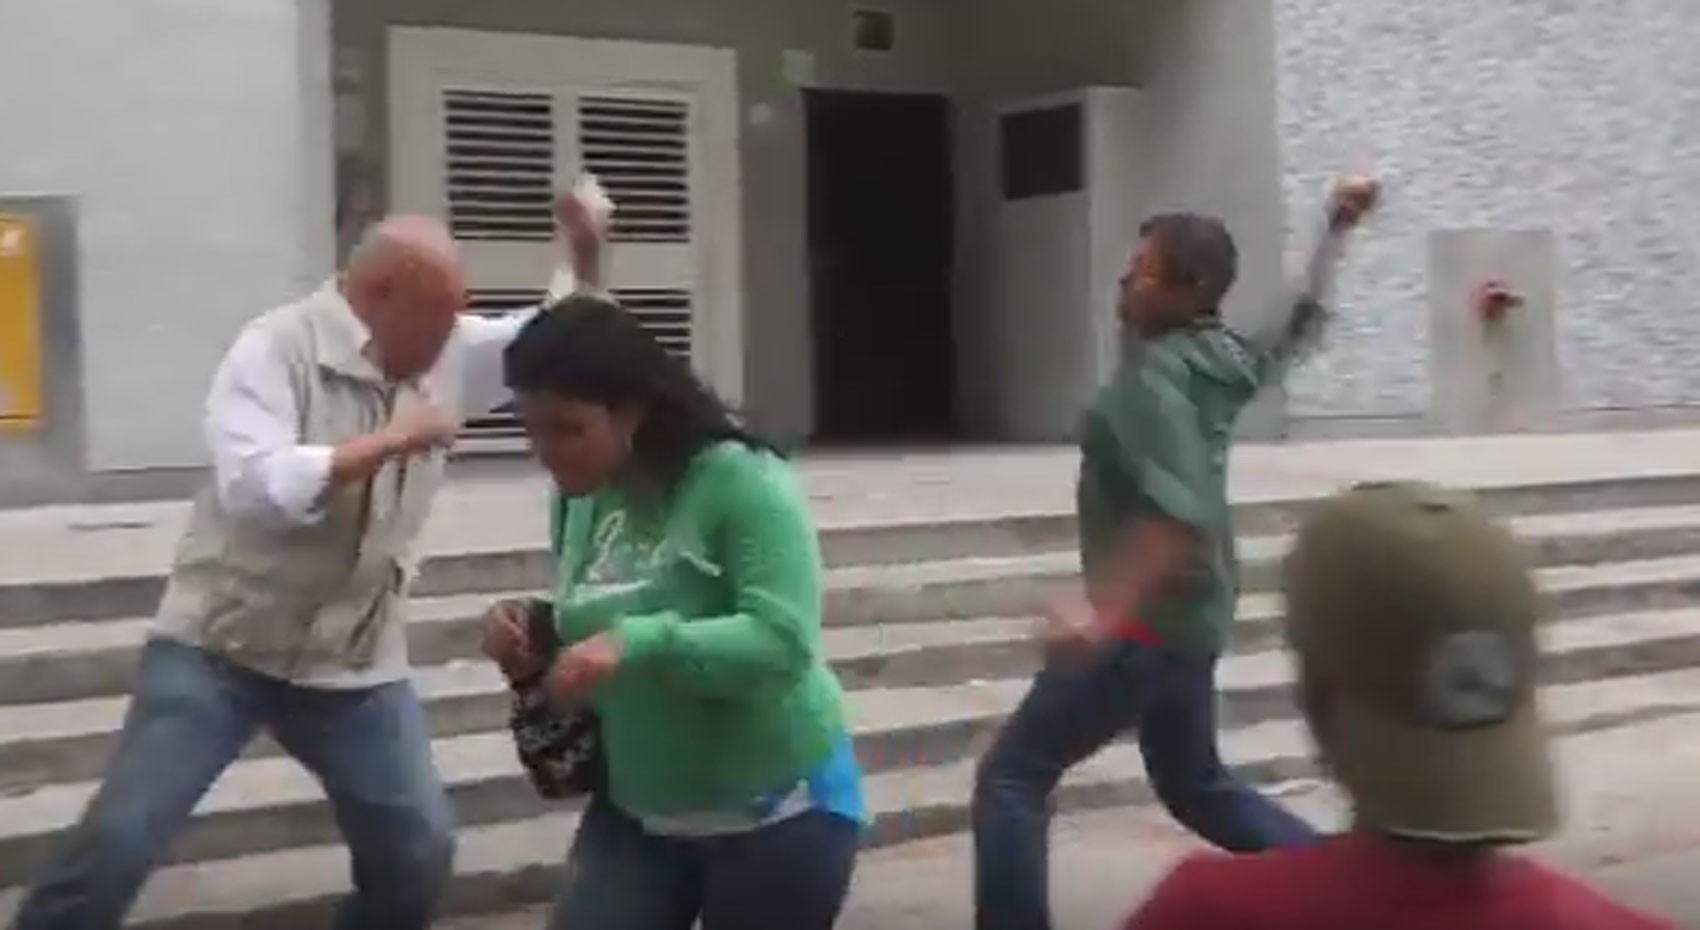 Violência aconteceu durante um protesto contra plano de racionamento de energia (Foto: Reprodução/Youtube/Unidad Venezuela)